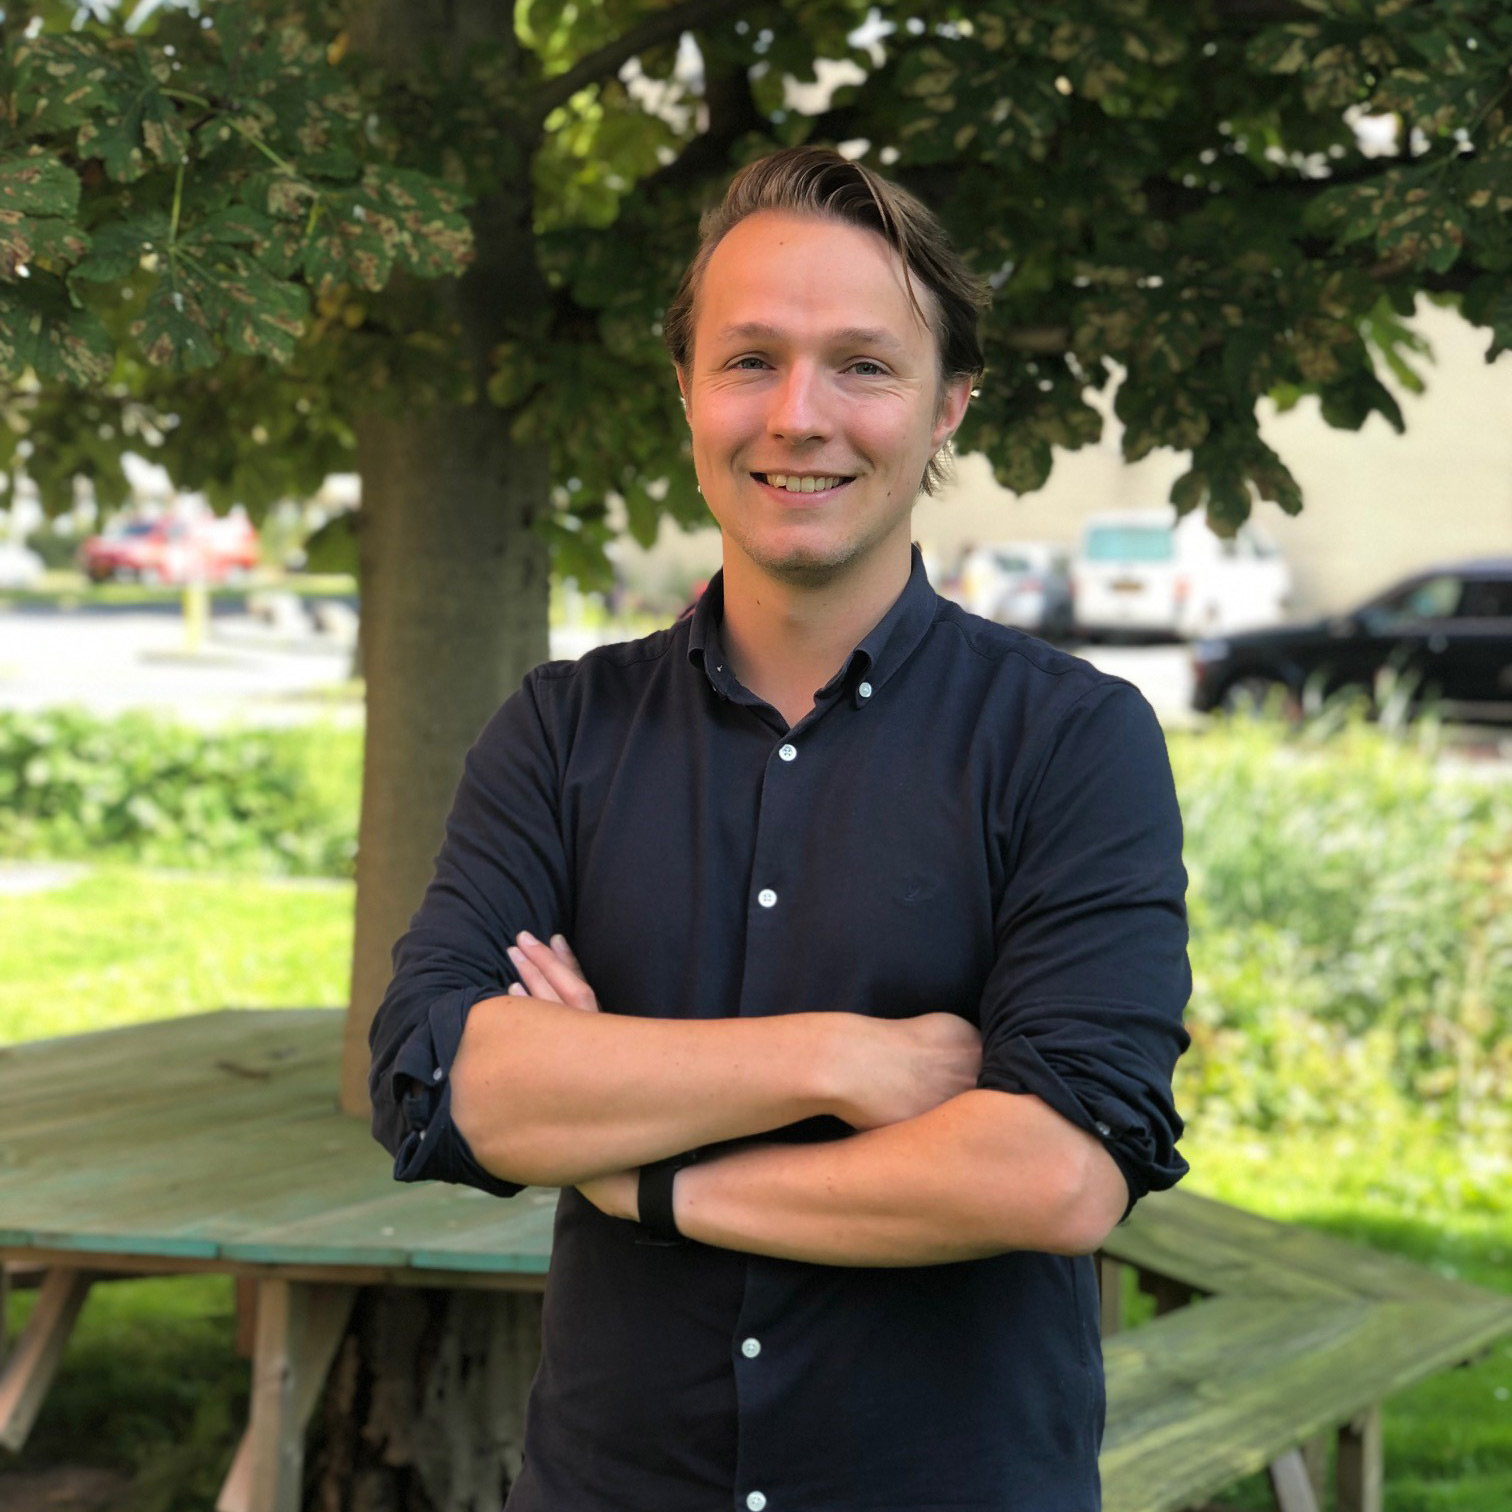 Tim van den Broek